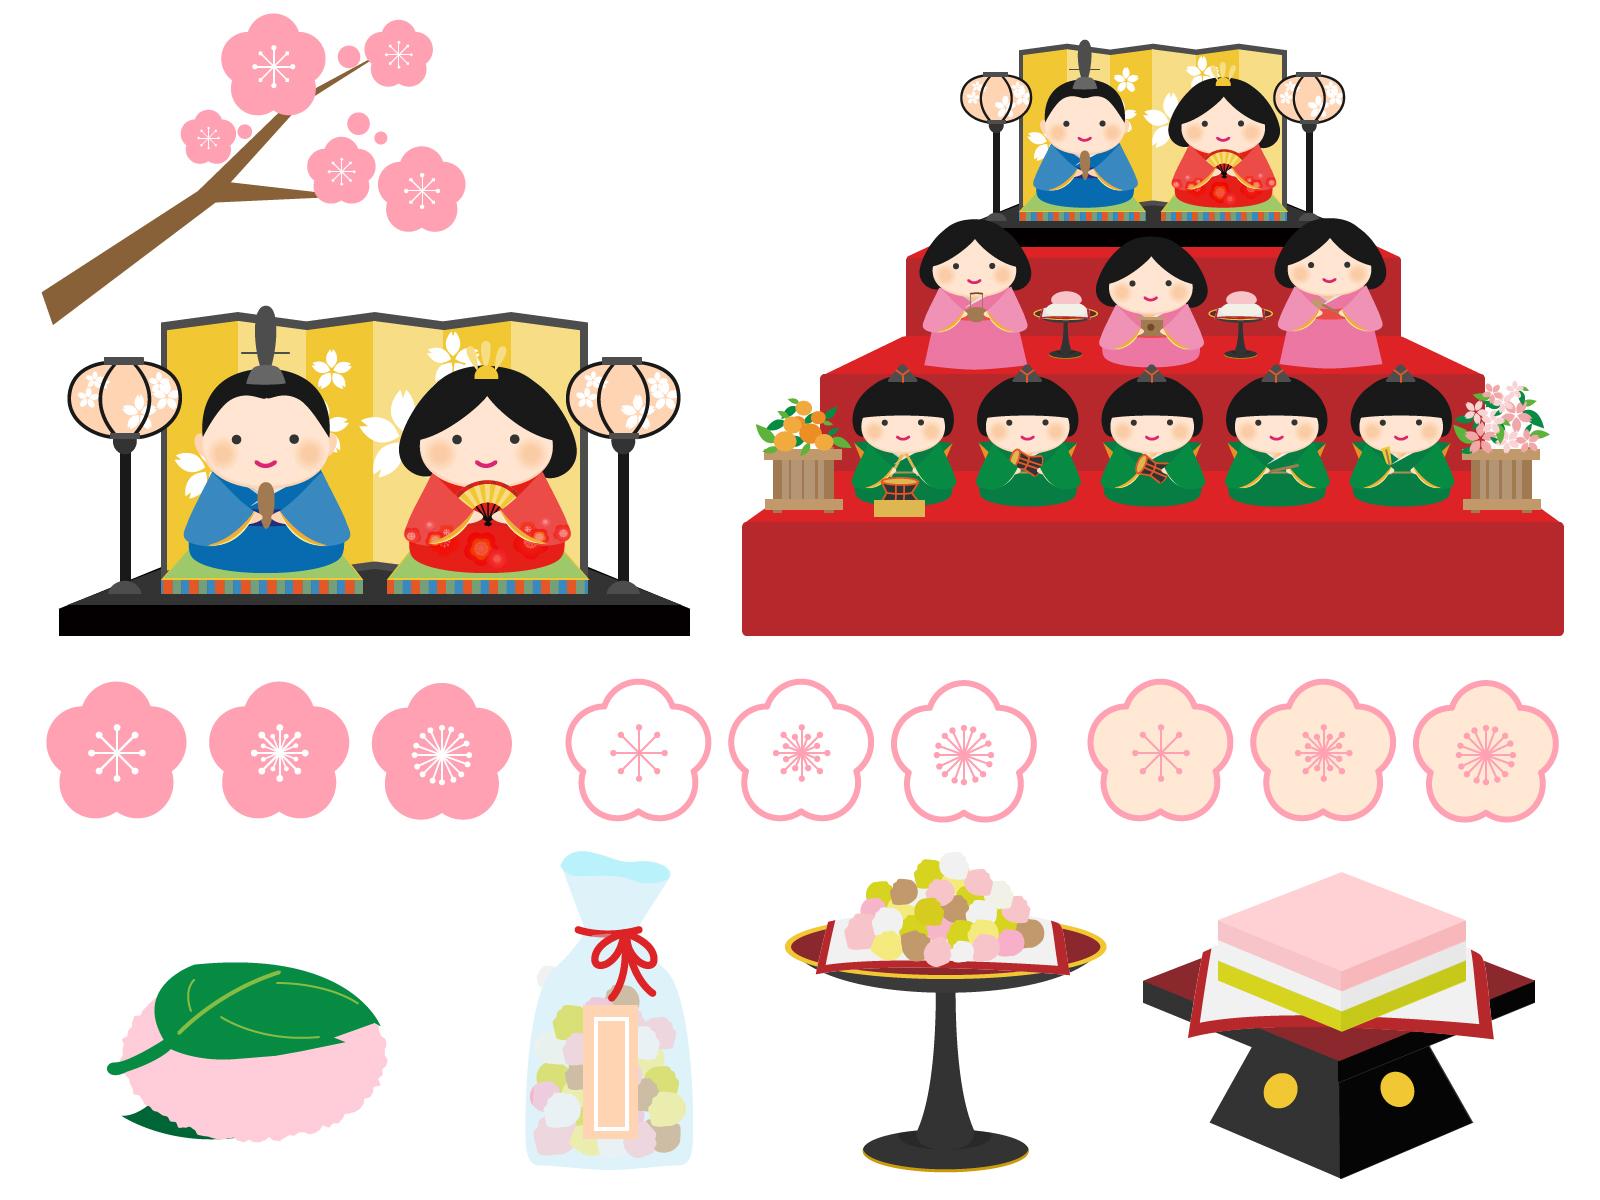 ひな祭りのかわいい無料フリーイラストサイトおすすめ10選! | 育児ネット